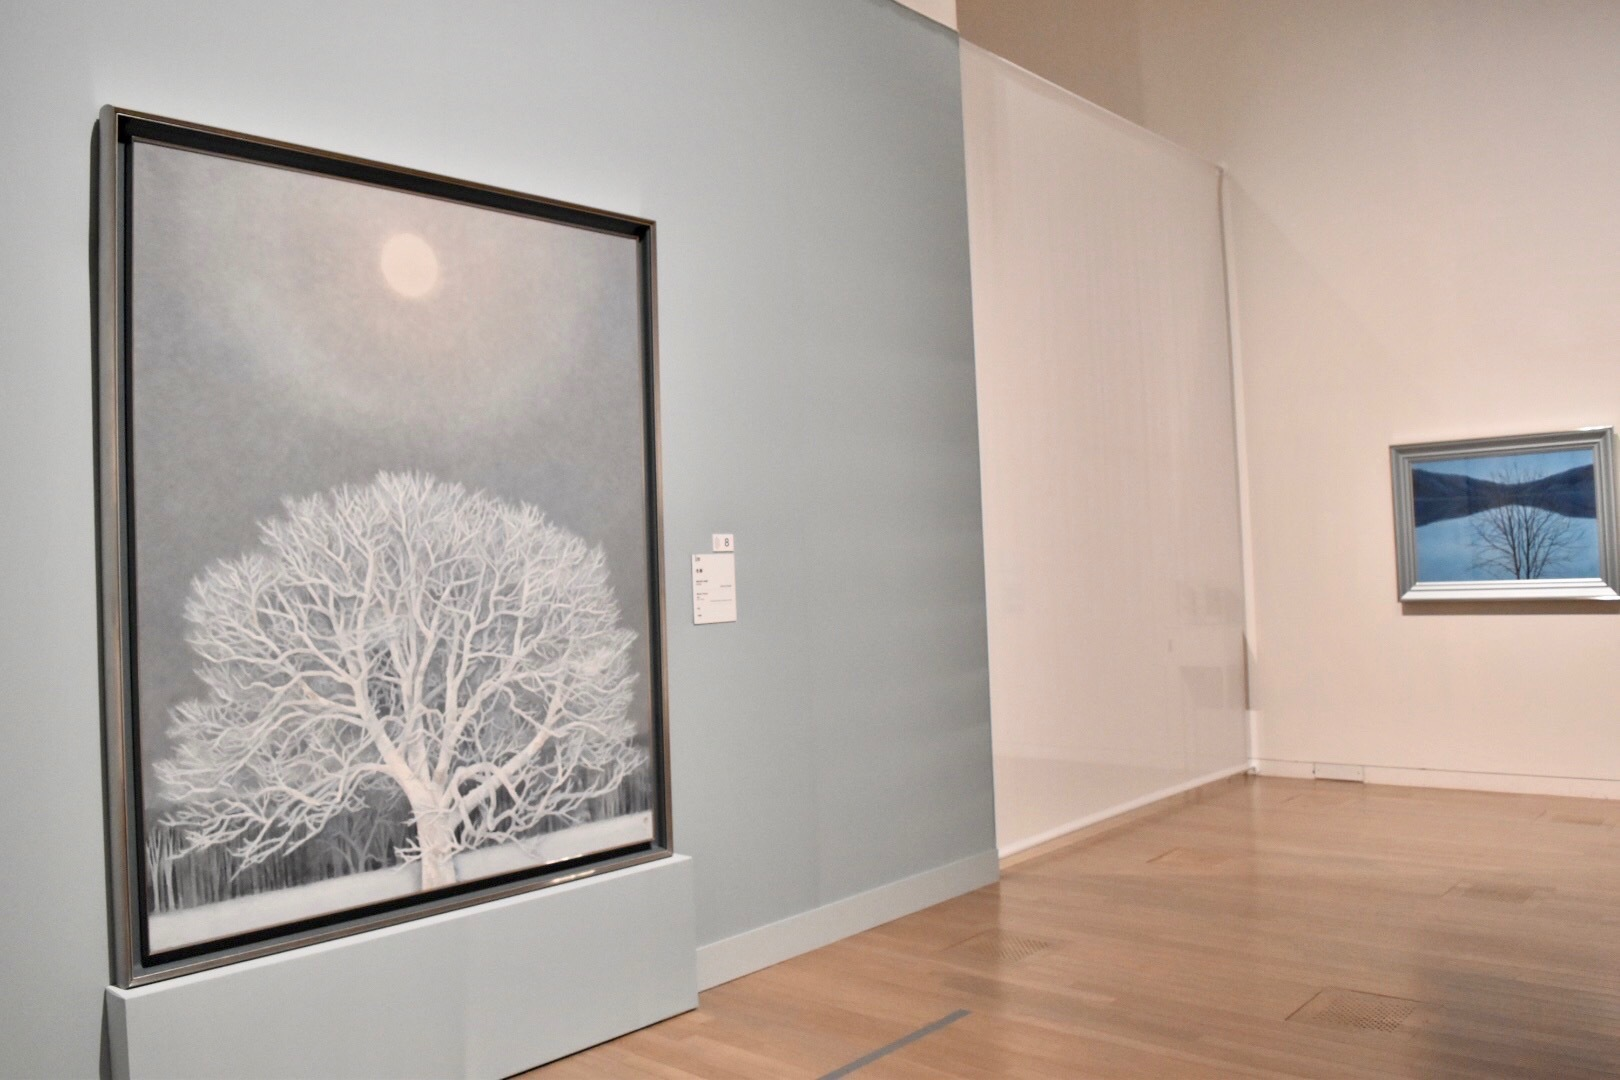 《冬華》 昭和39年 東京国立近代美術館蔵